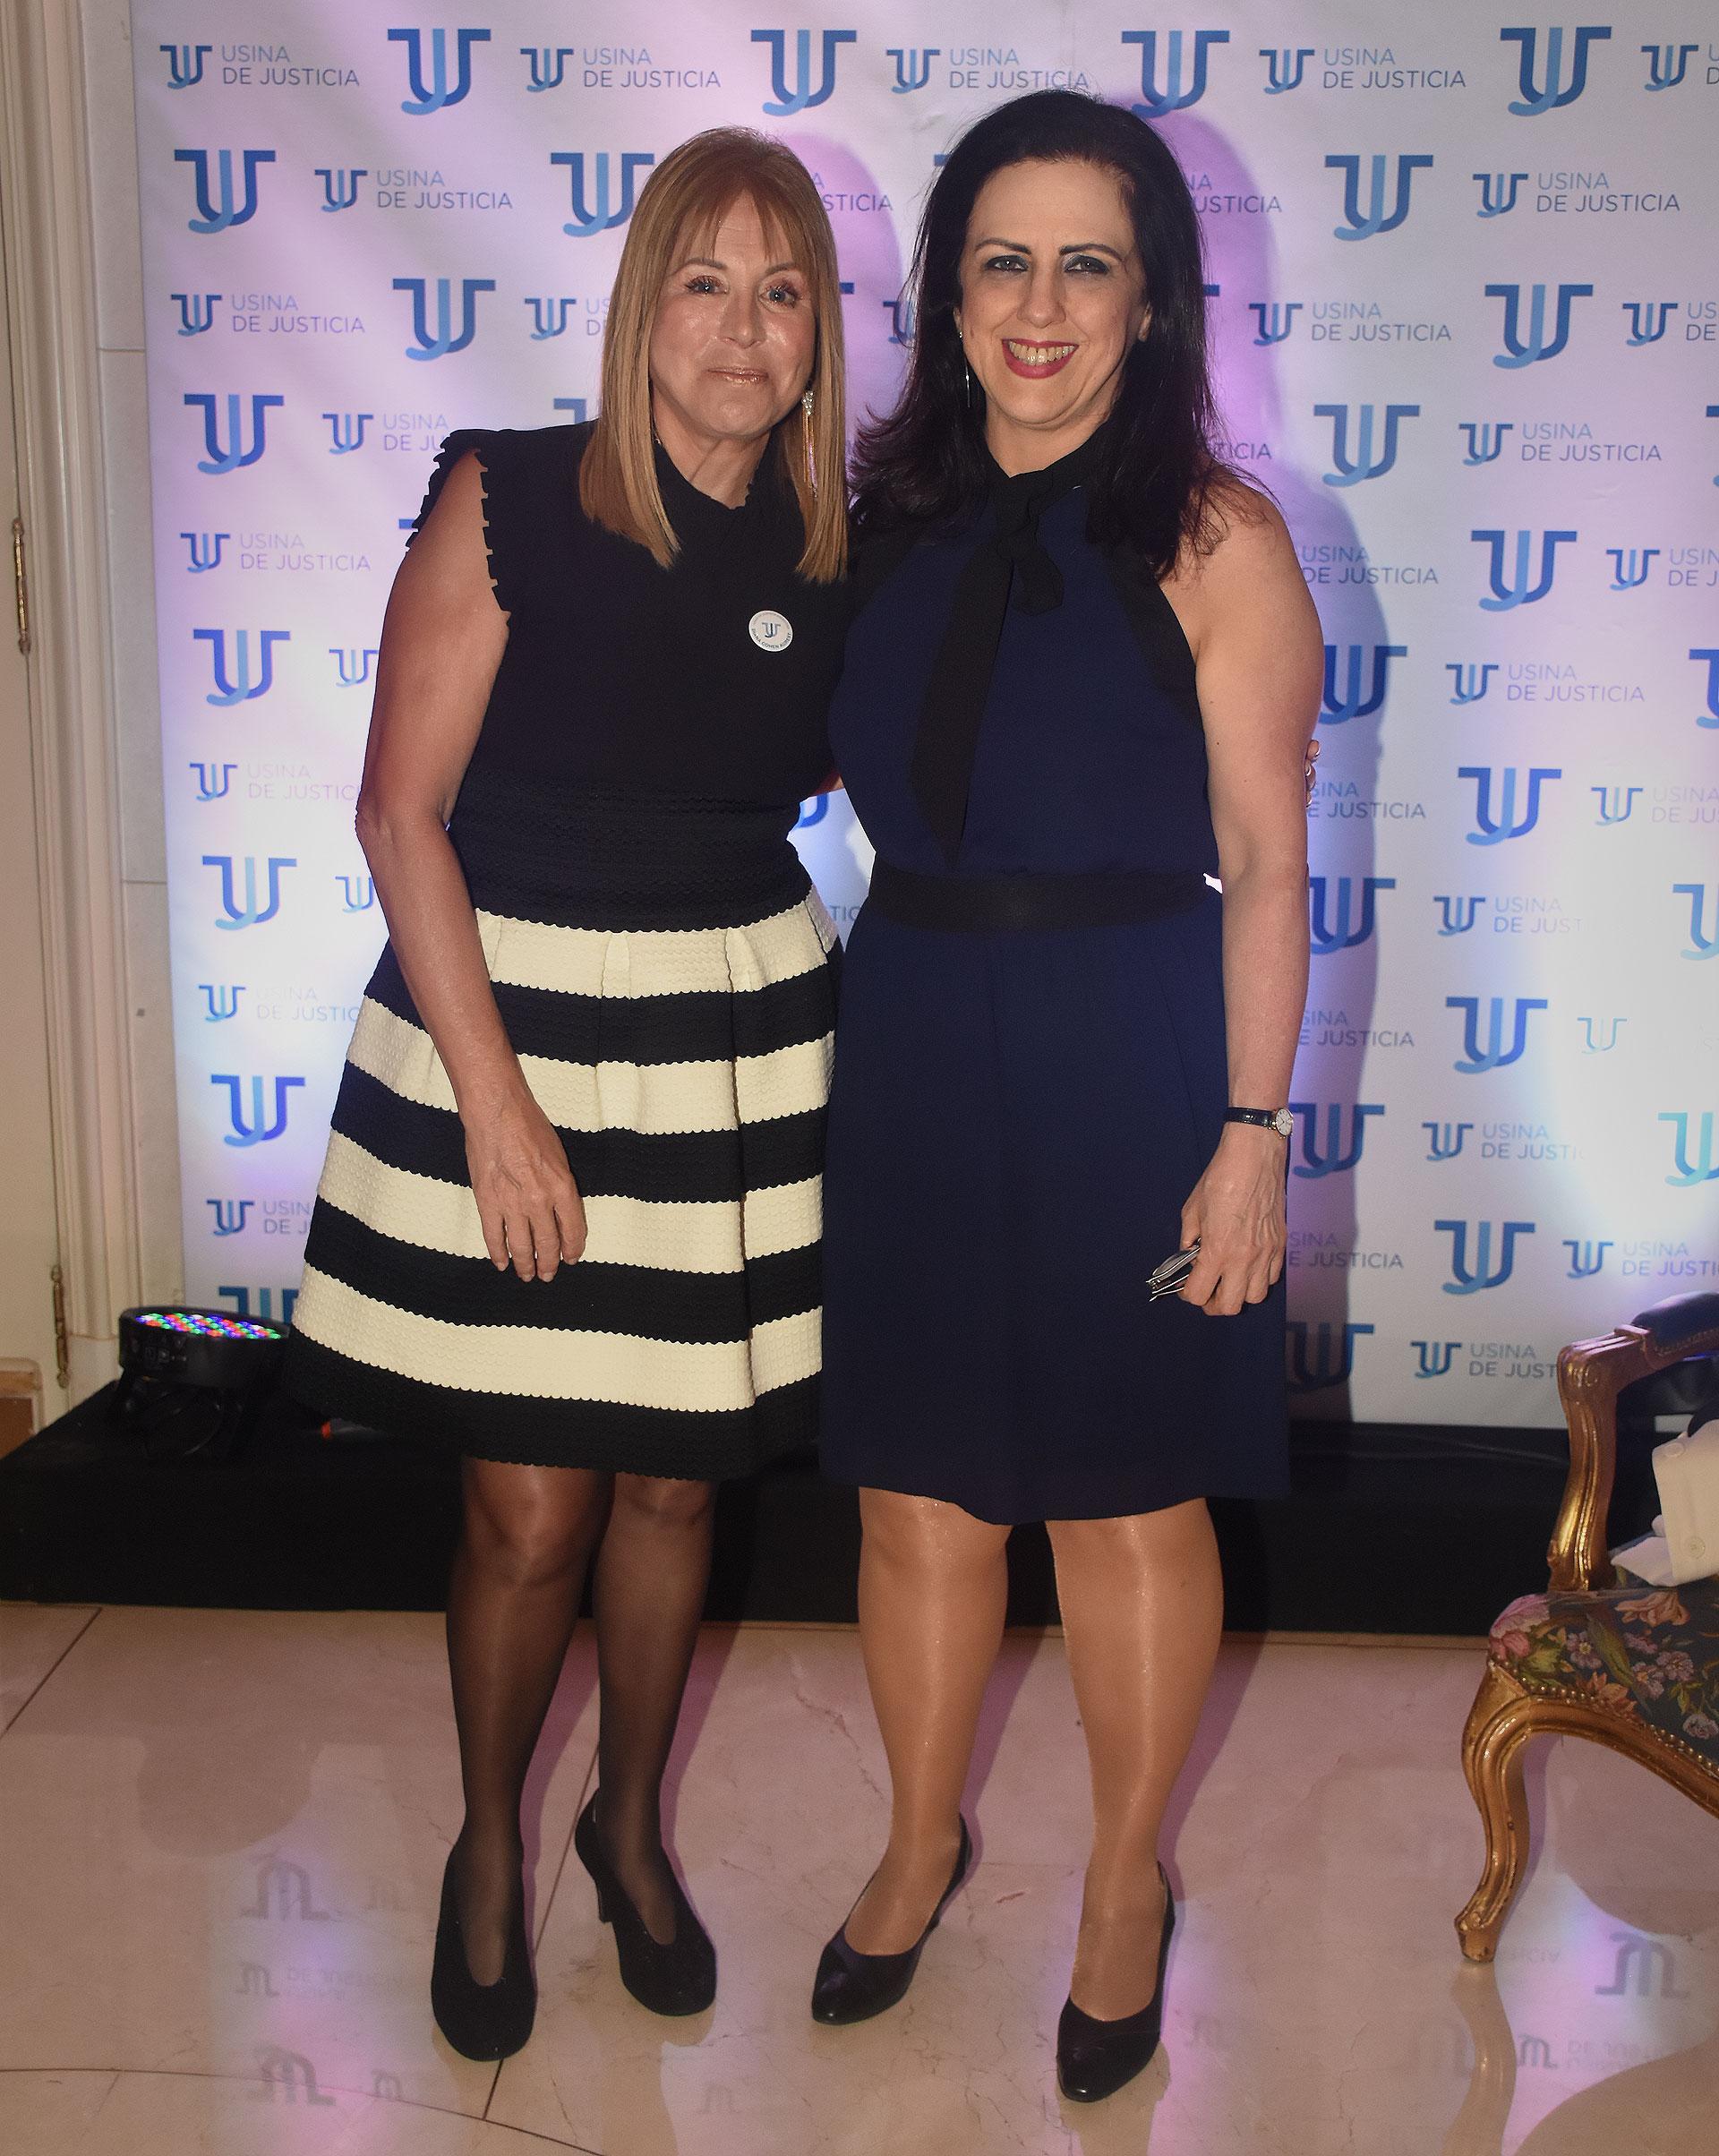 Diana Cohen Agrest y la periodista Claudia Peiró, quién también recibió un diploma en reconocimiento a su apoyo en la difusión de la tarea de Usina de Justicia